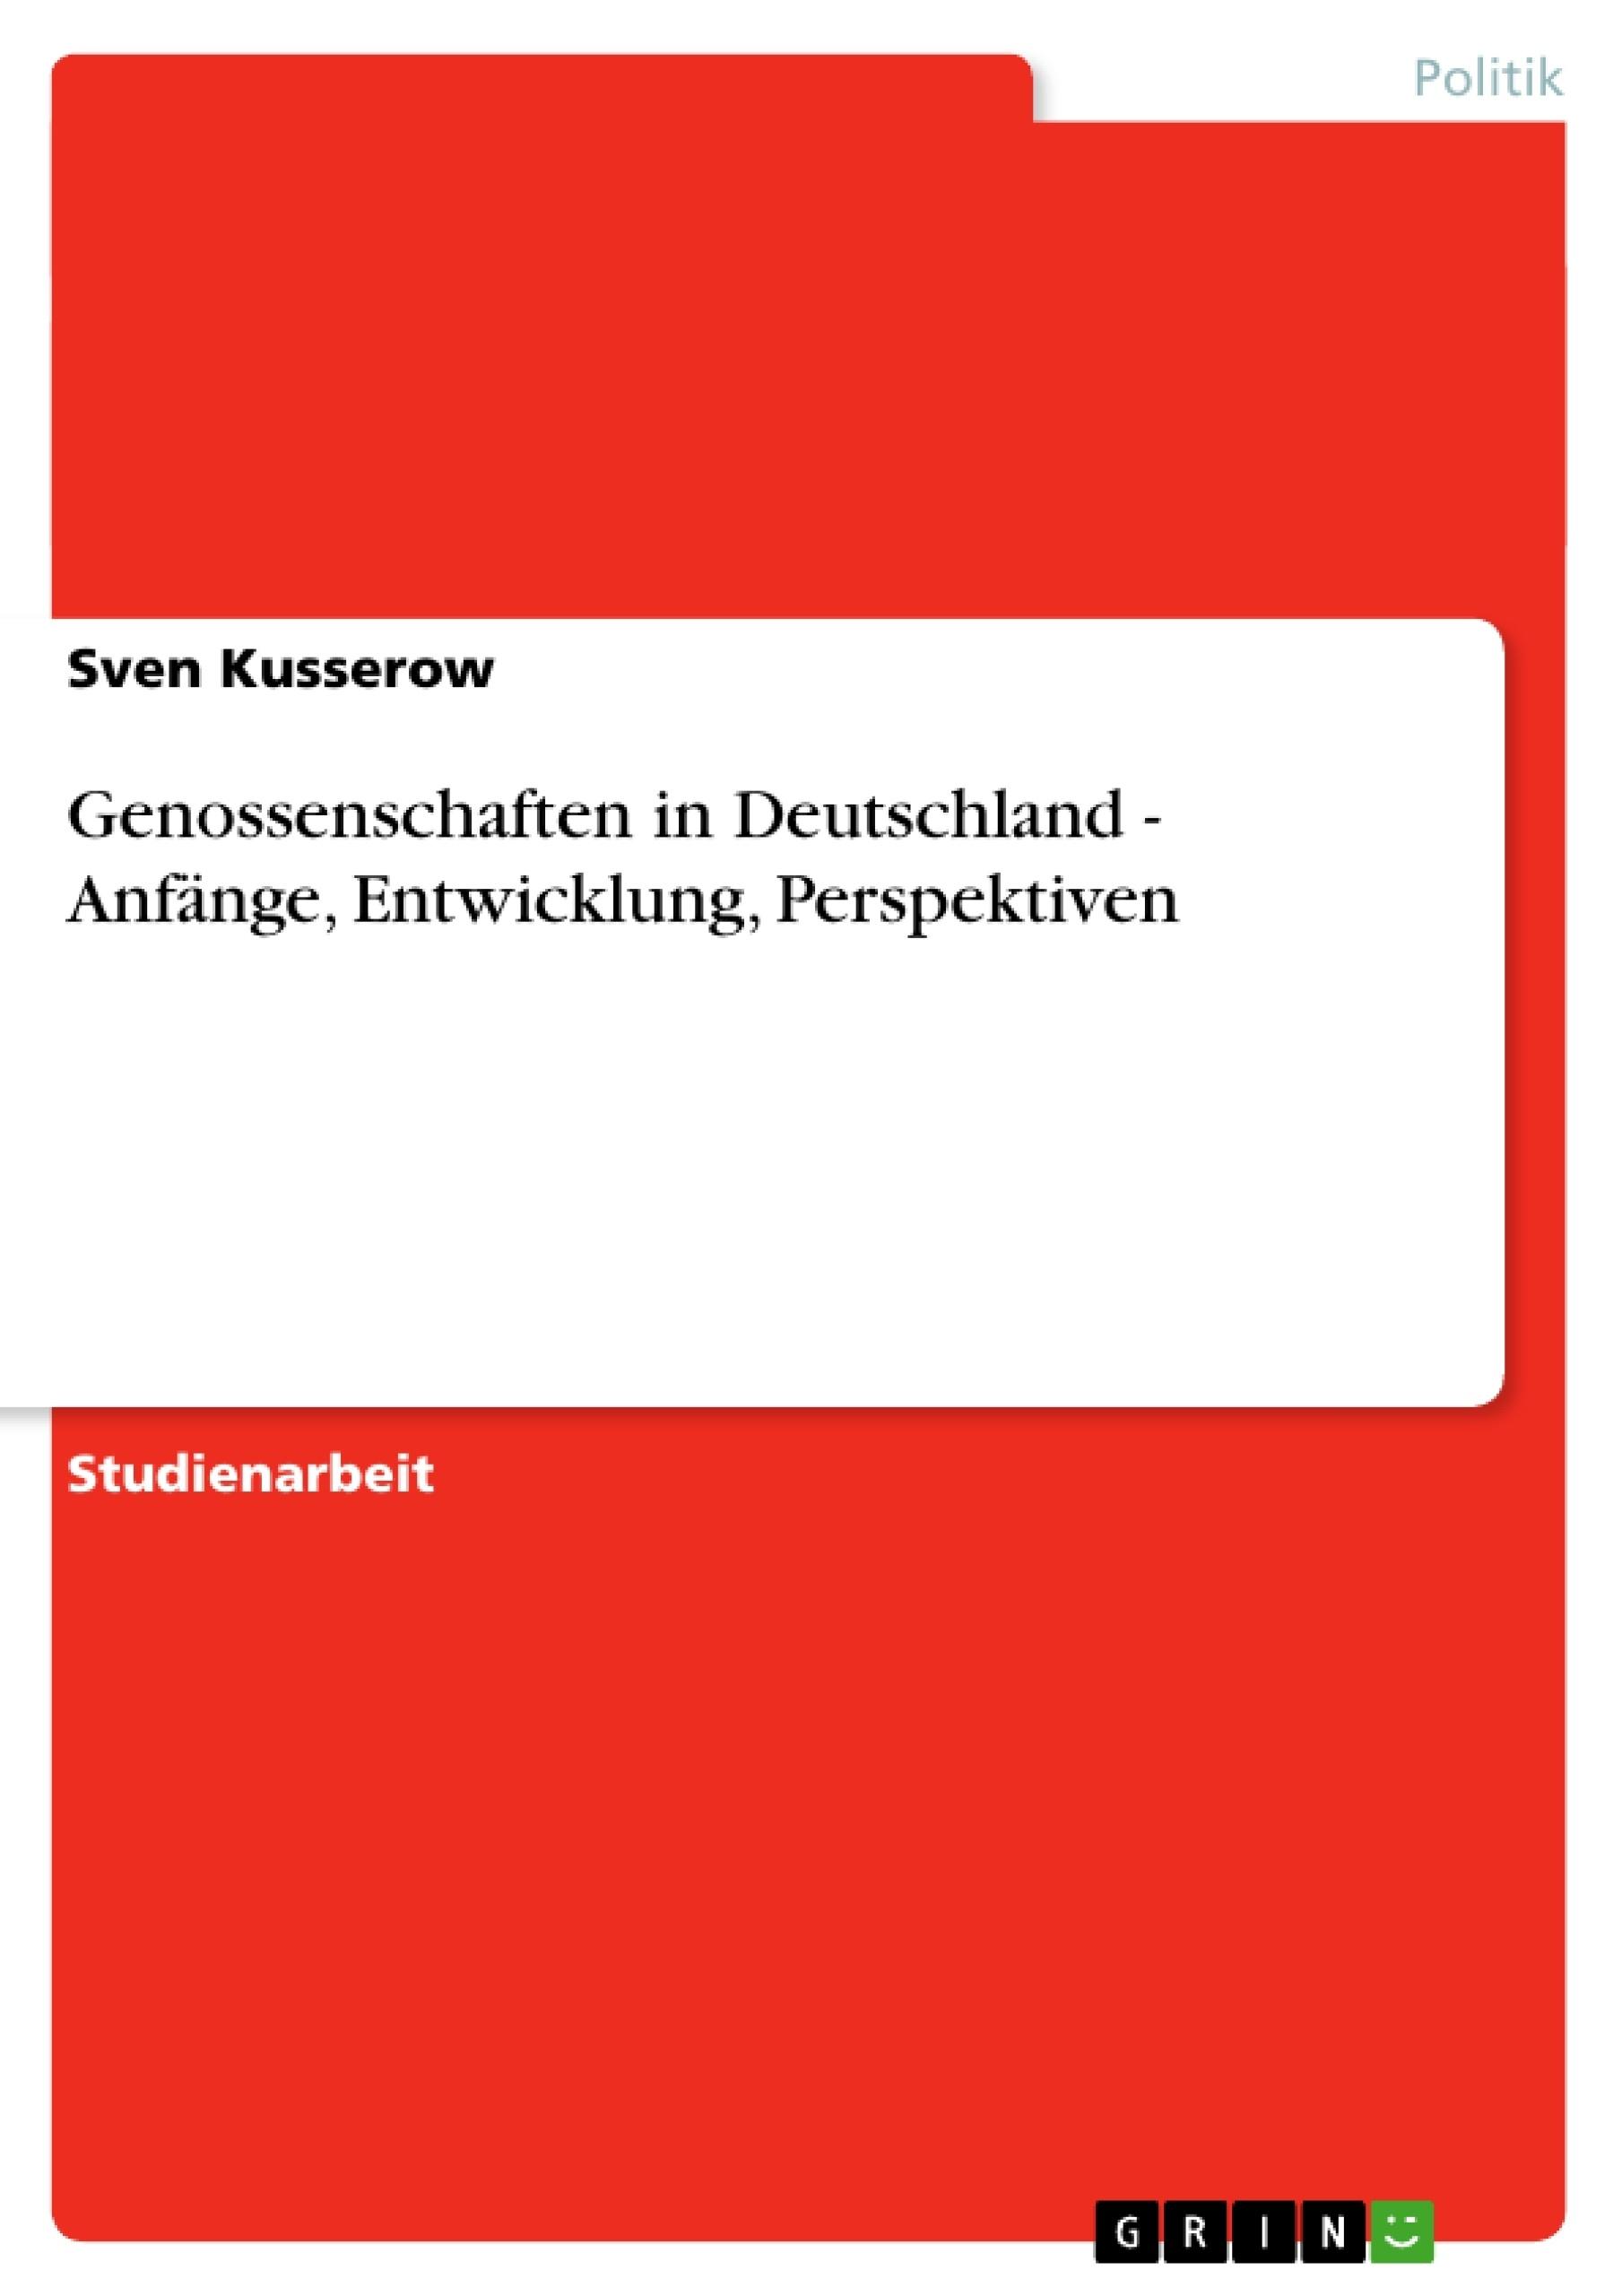 Titel: Genossenschaften in Deutschland - Anfänge, Entwicklung, Perspektiven